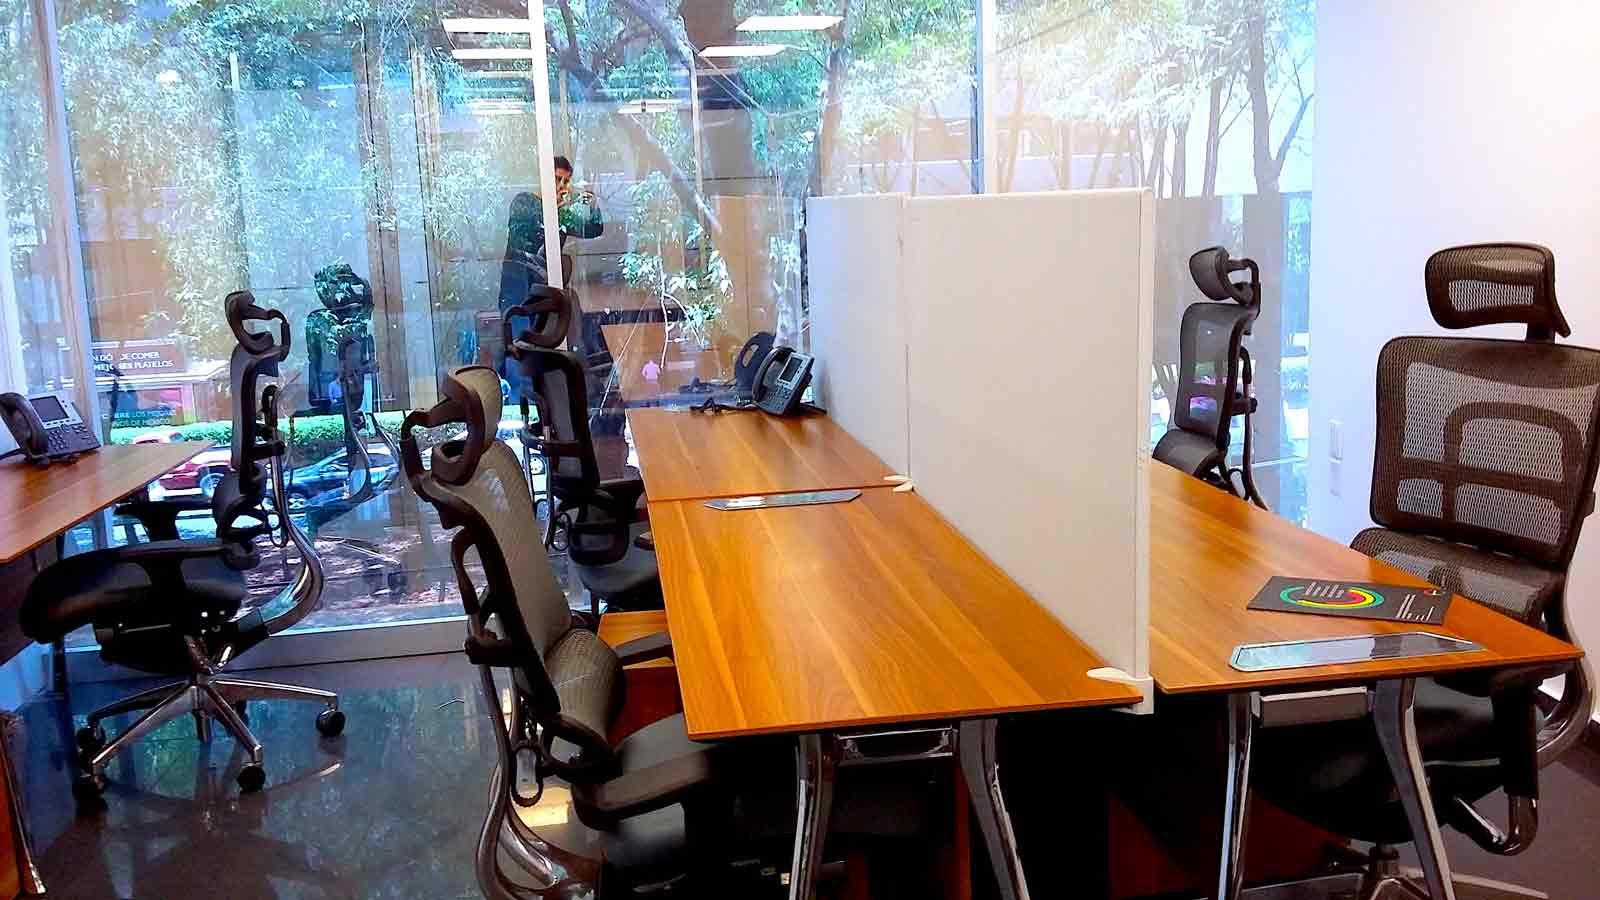 Oficinas privadas para su negocio con servicios incluidos